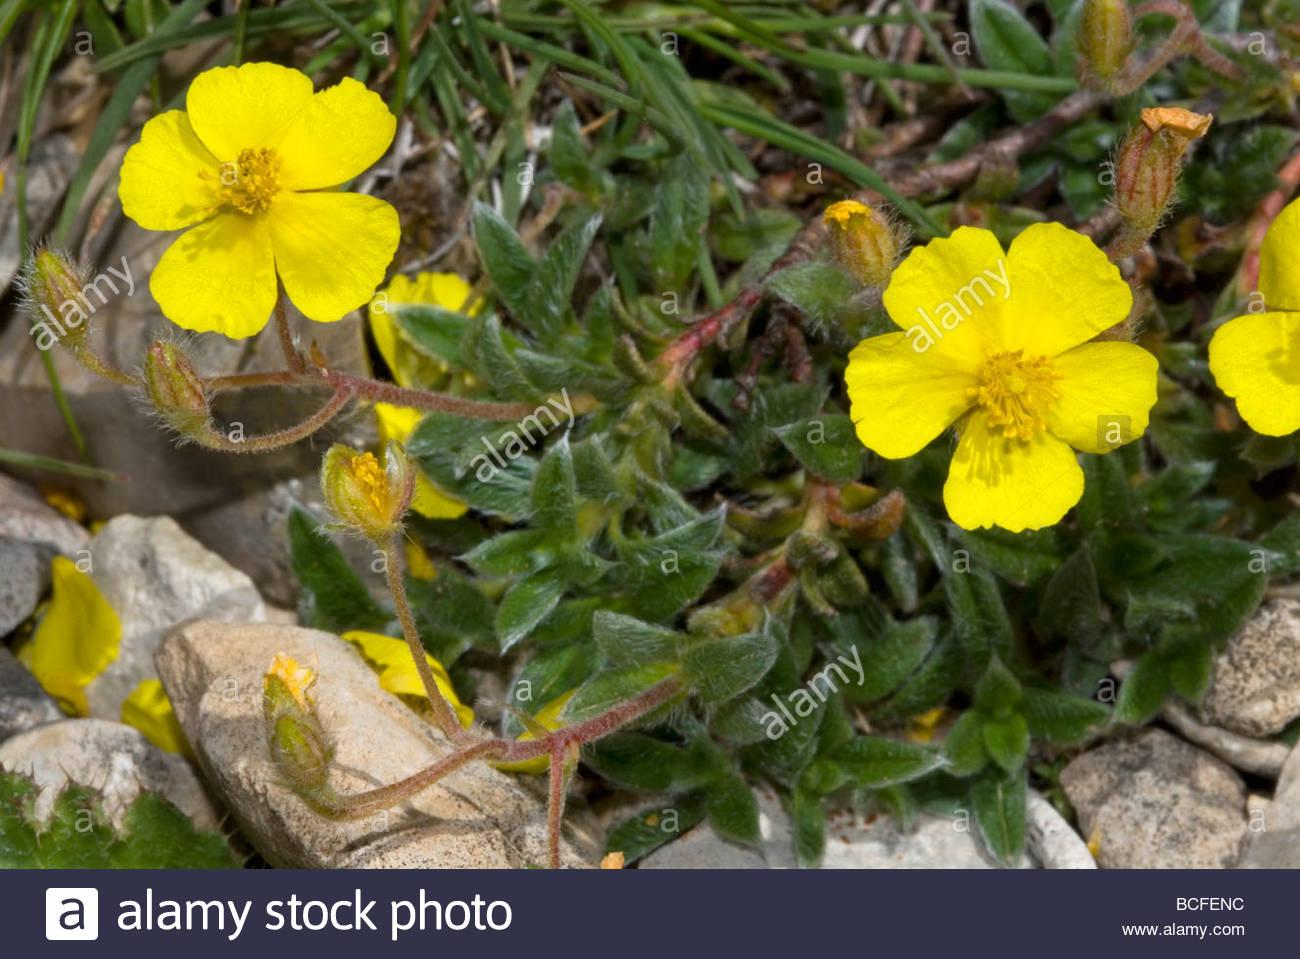 Fiori Gialli Montagna.Fiori Gialli Di Ranunculus Montanus O Ranuncolo Di Montagna Foto